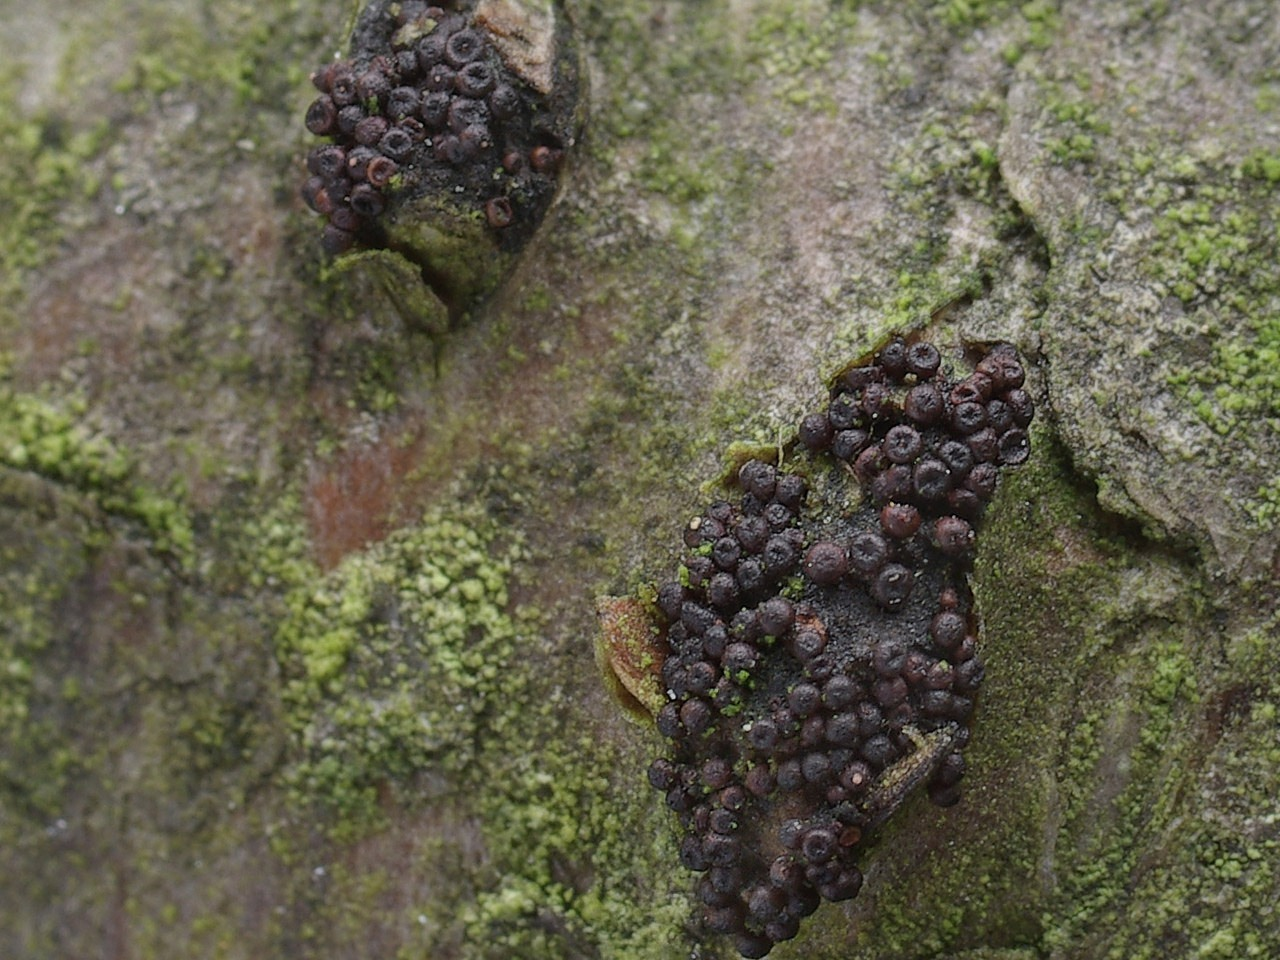 Лазиосферия семенновидная (Lasiosphaeria spermoides). Автор фото: Юрий Семенов